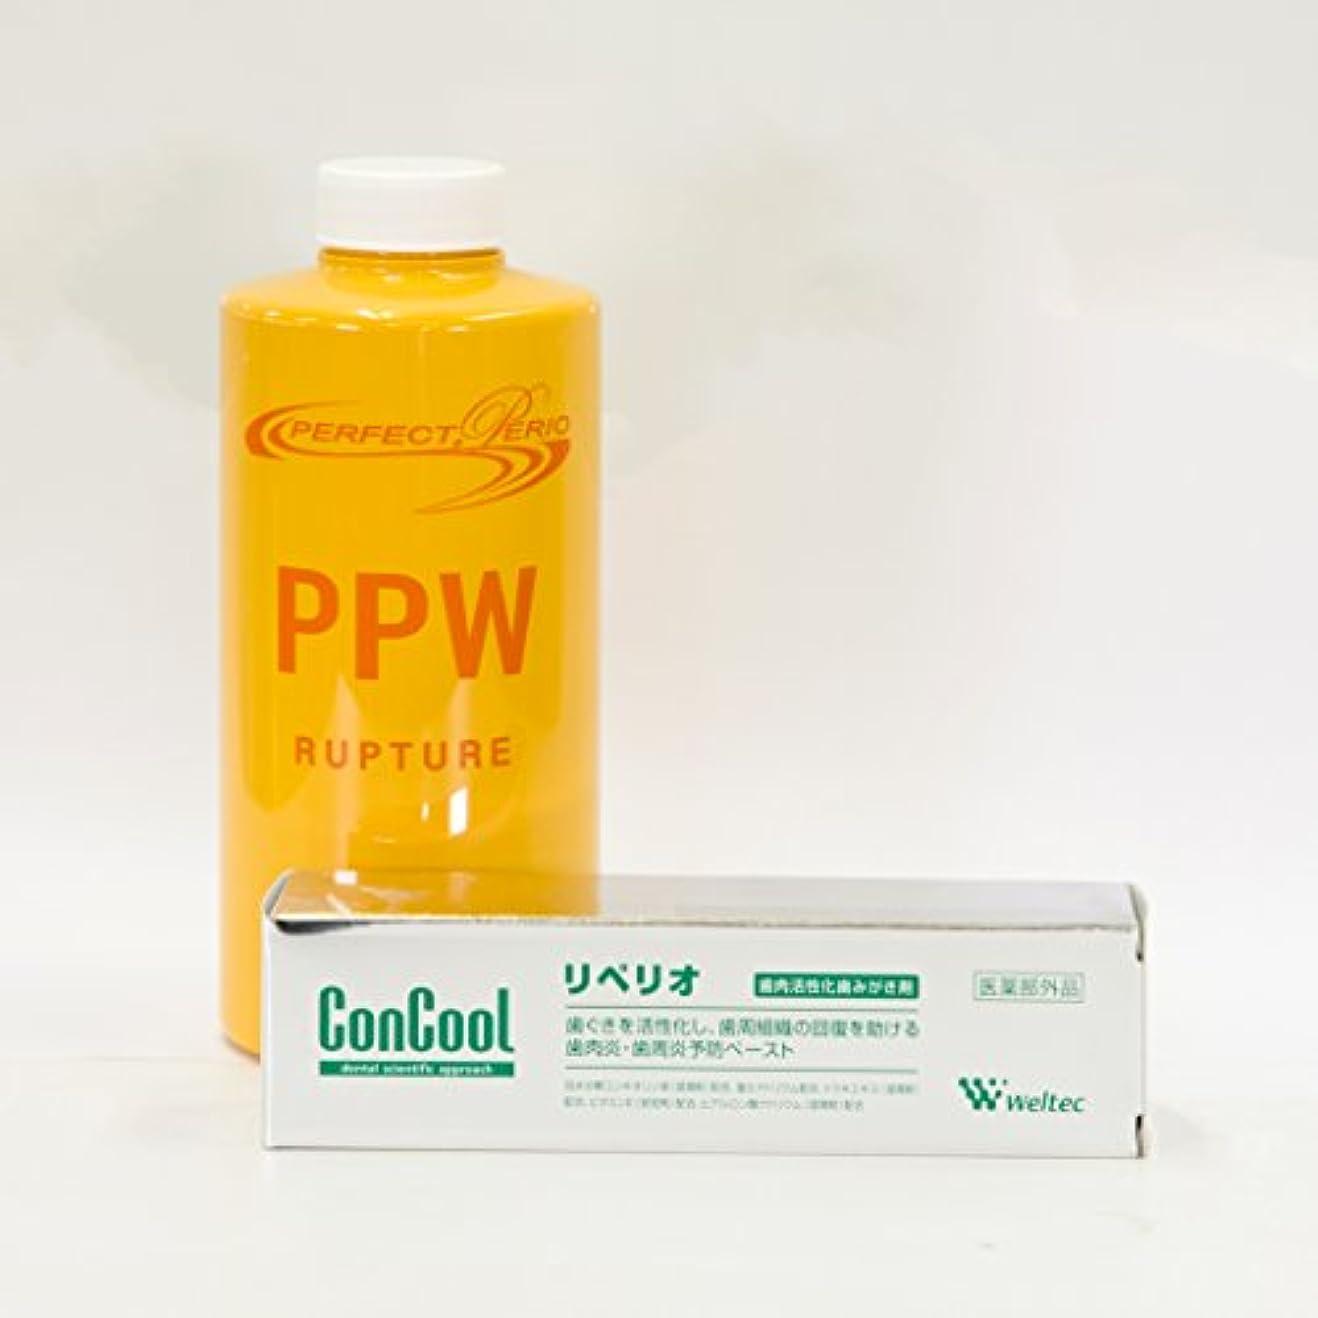 拒絶する有毒な篭パーフェクトペリオ とコンクールリペリオ